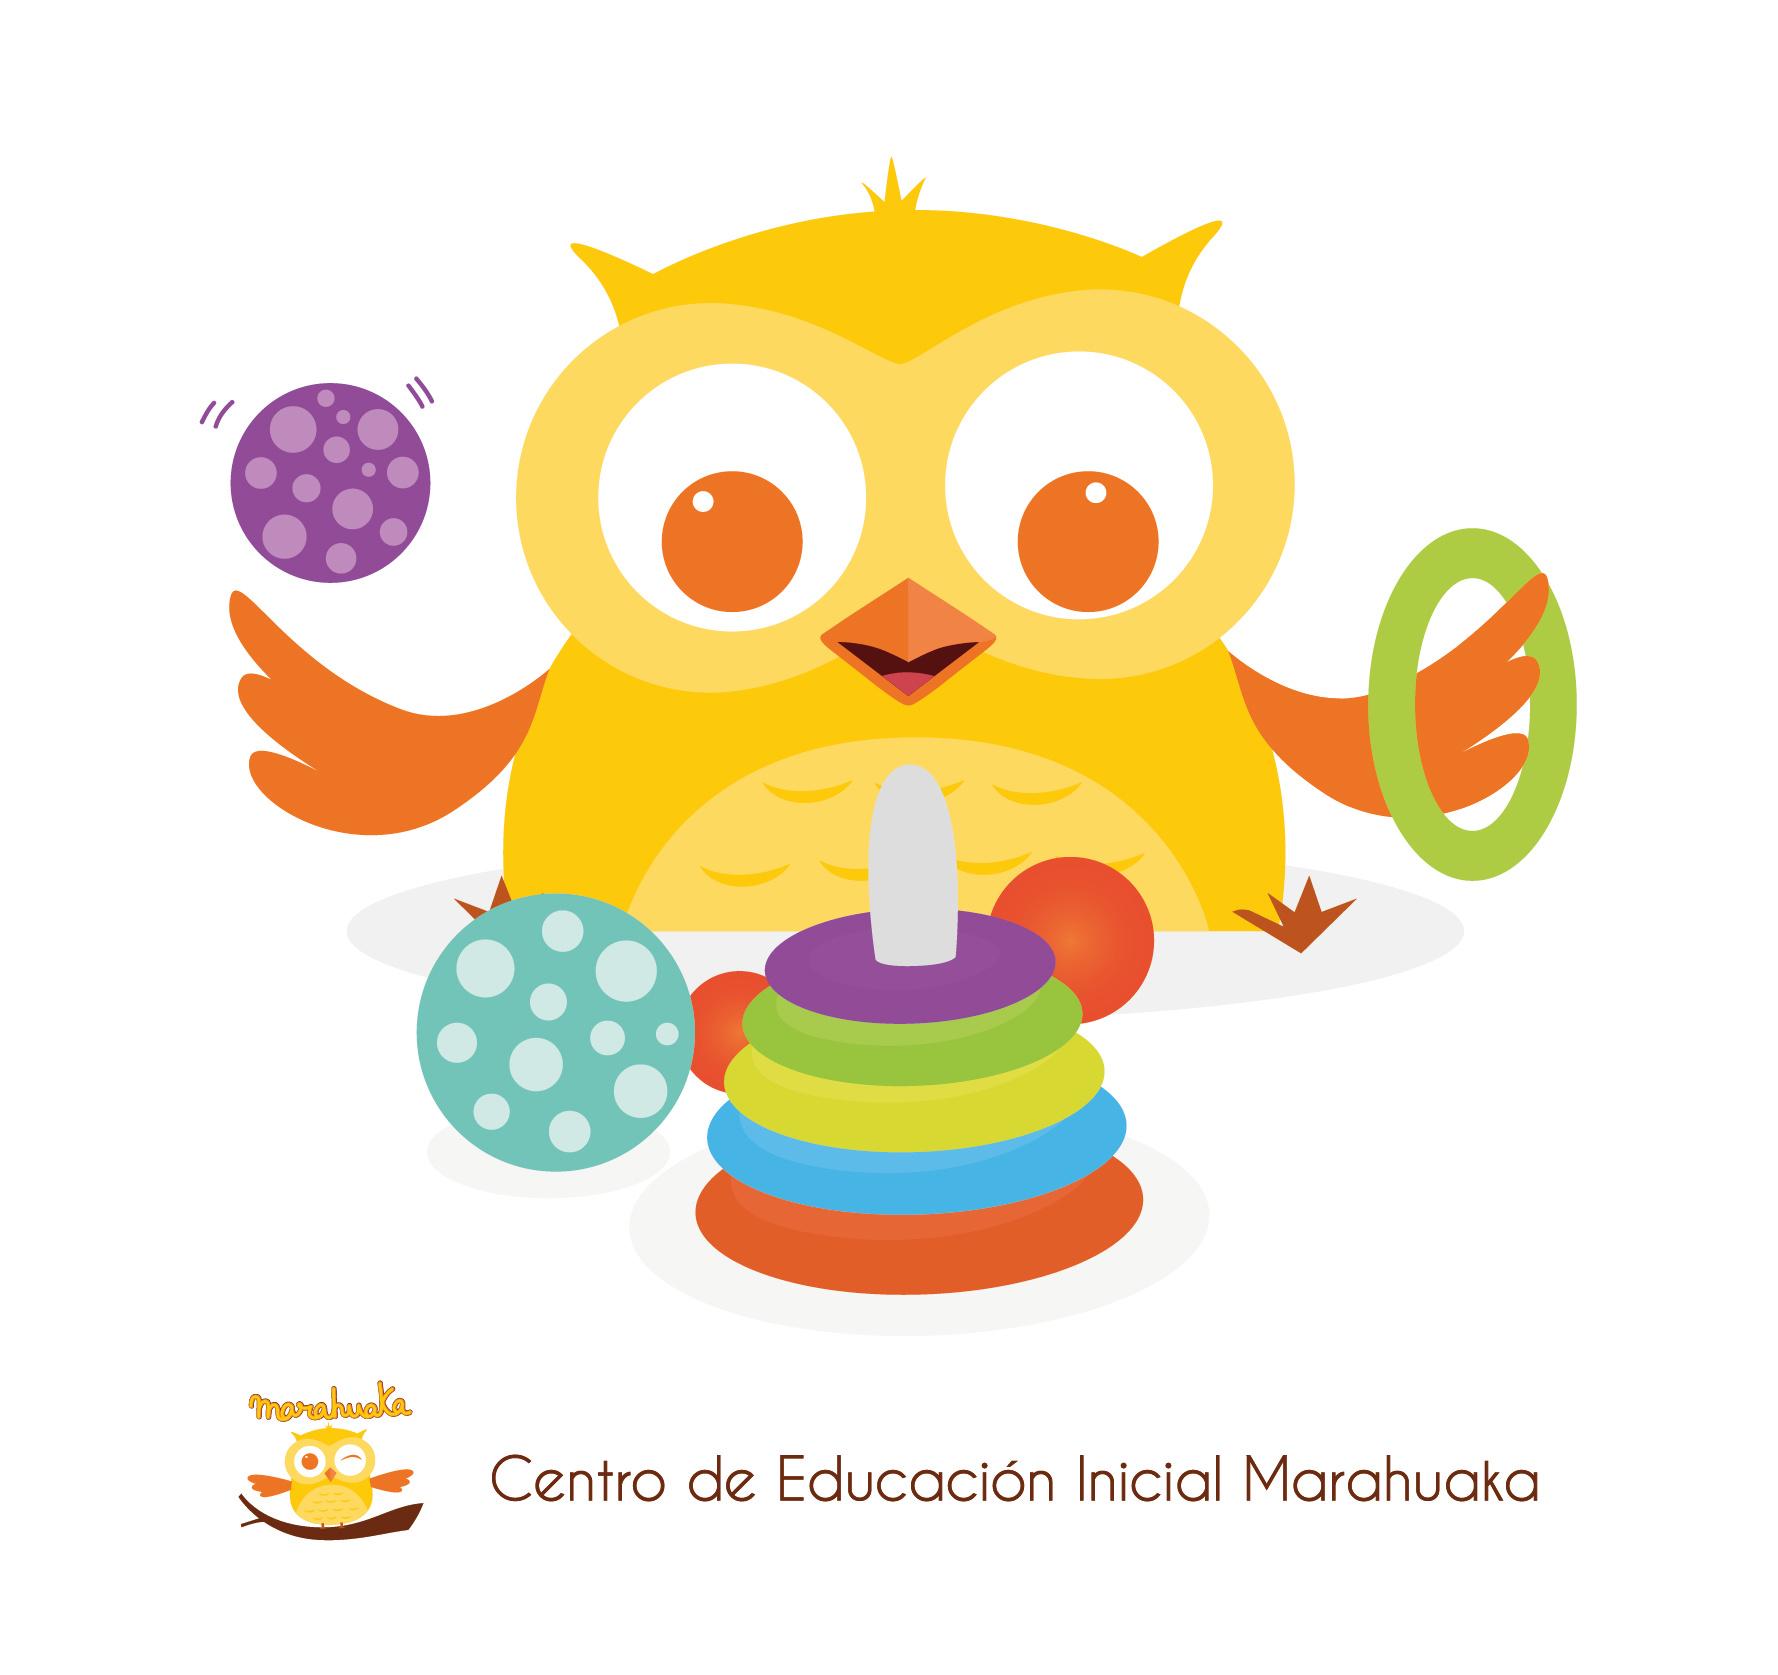 Ilustración para Marahuaka